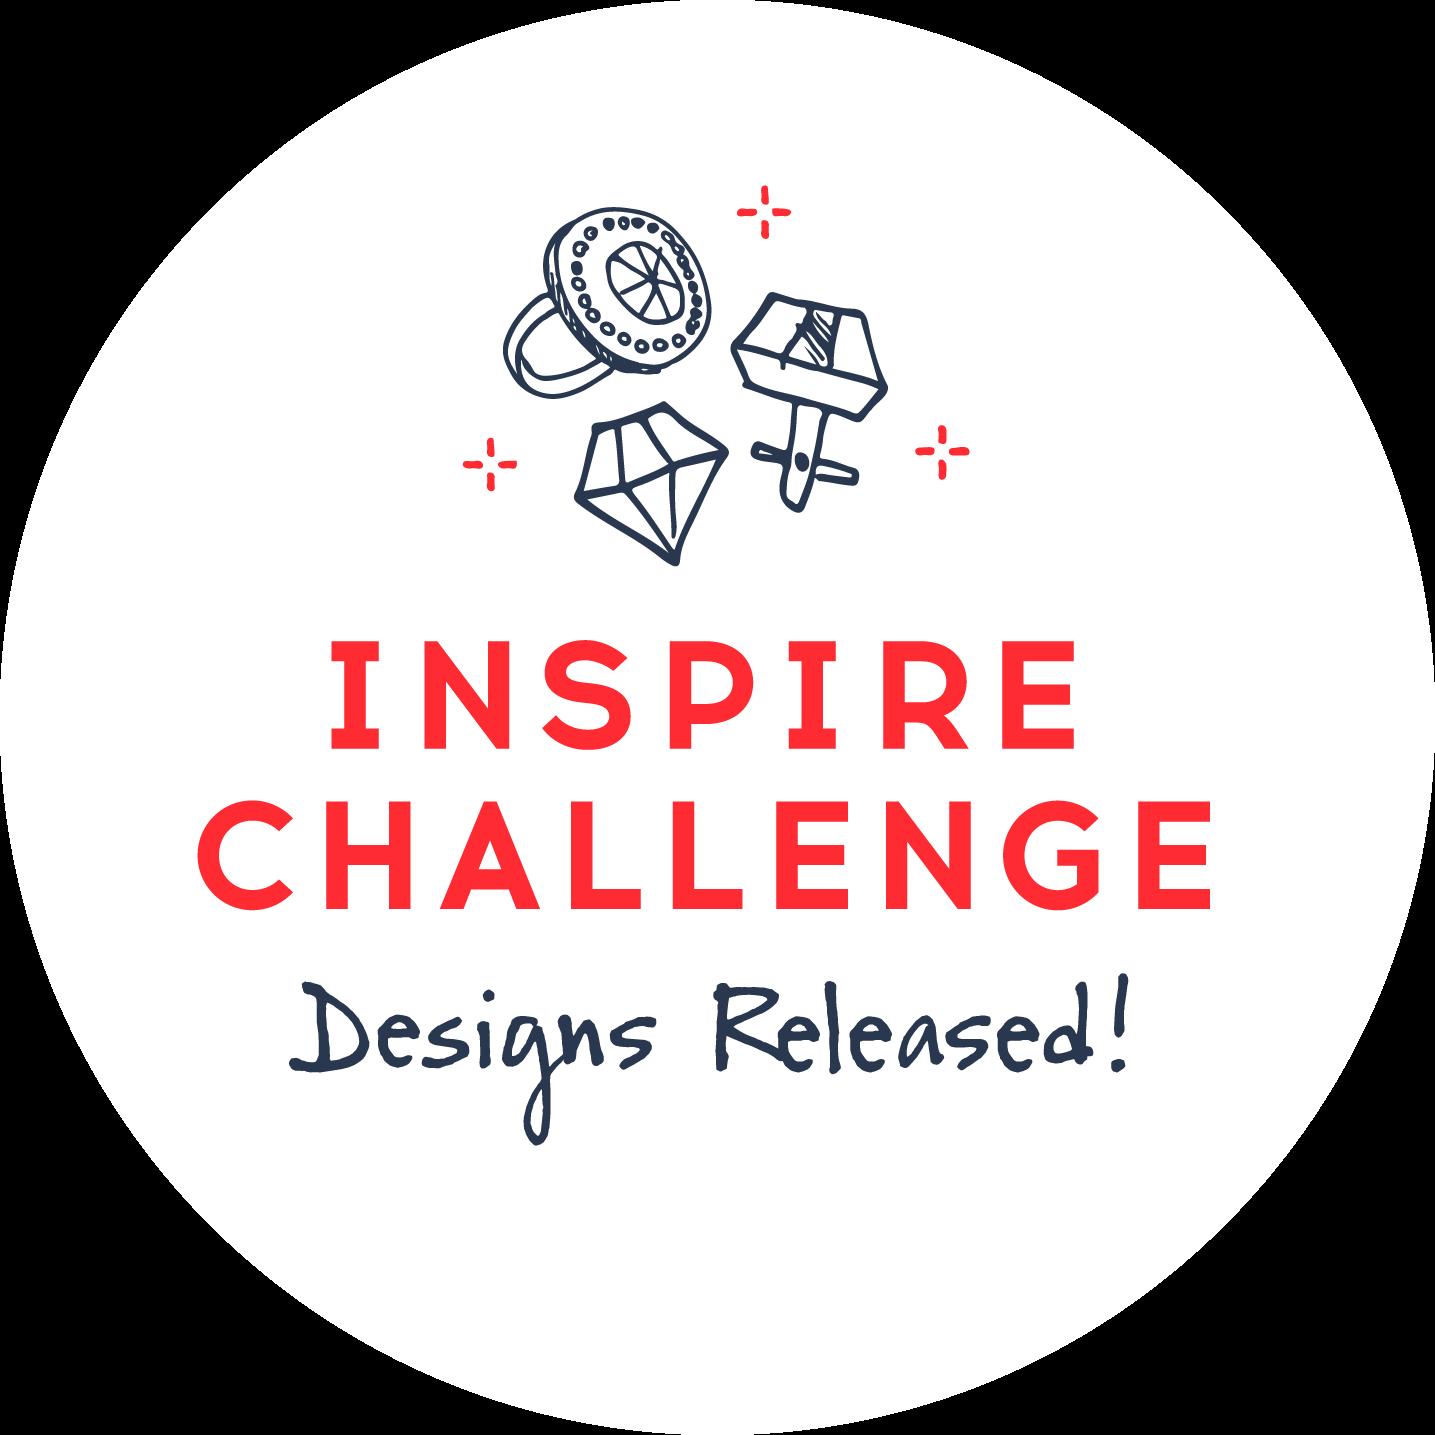 Inspire Challenge Designs Released